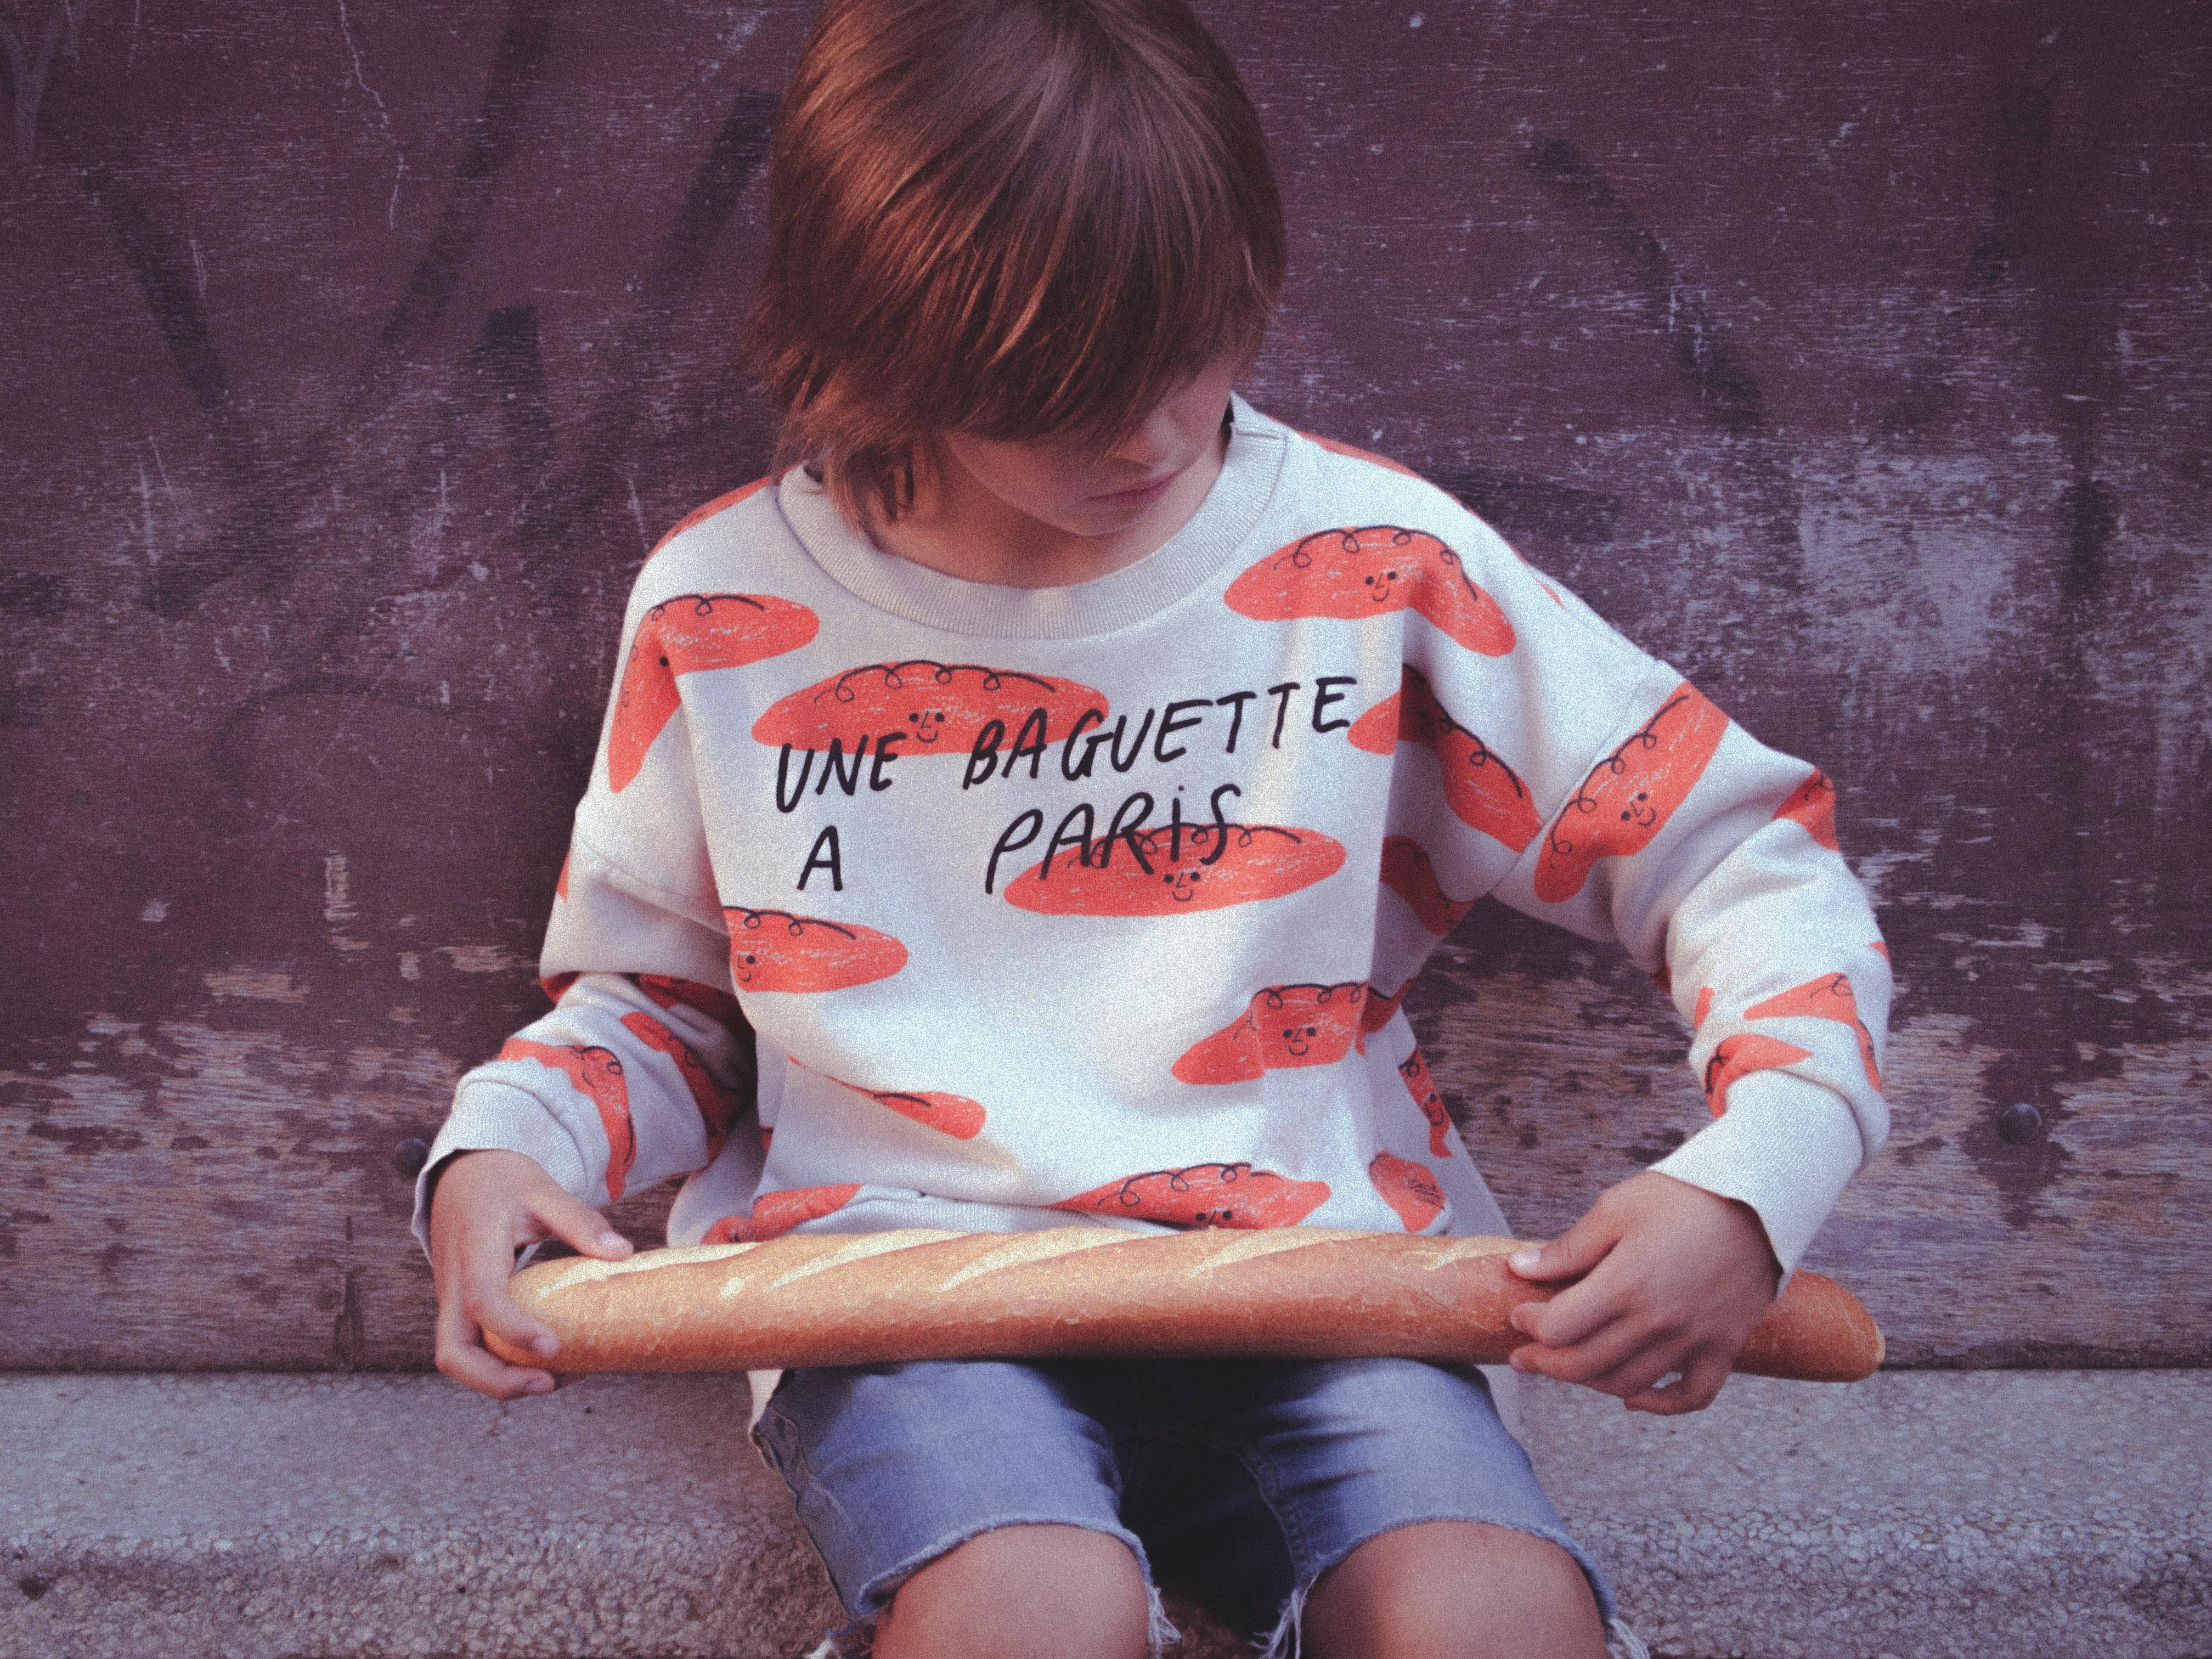 Une baguette a Paris